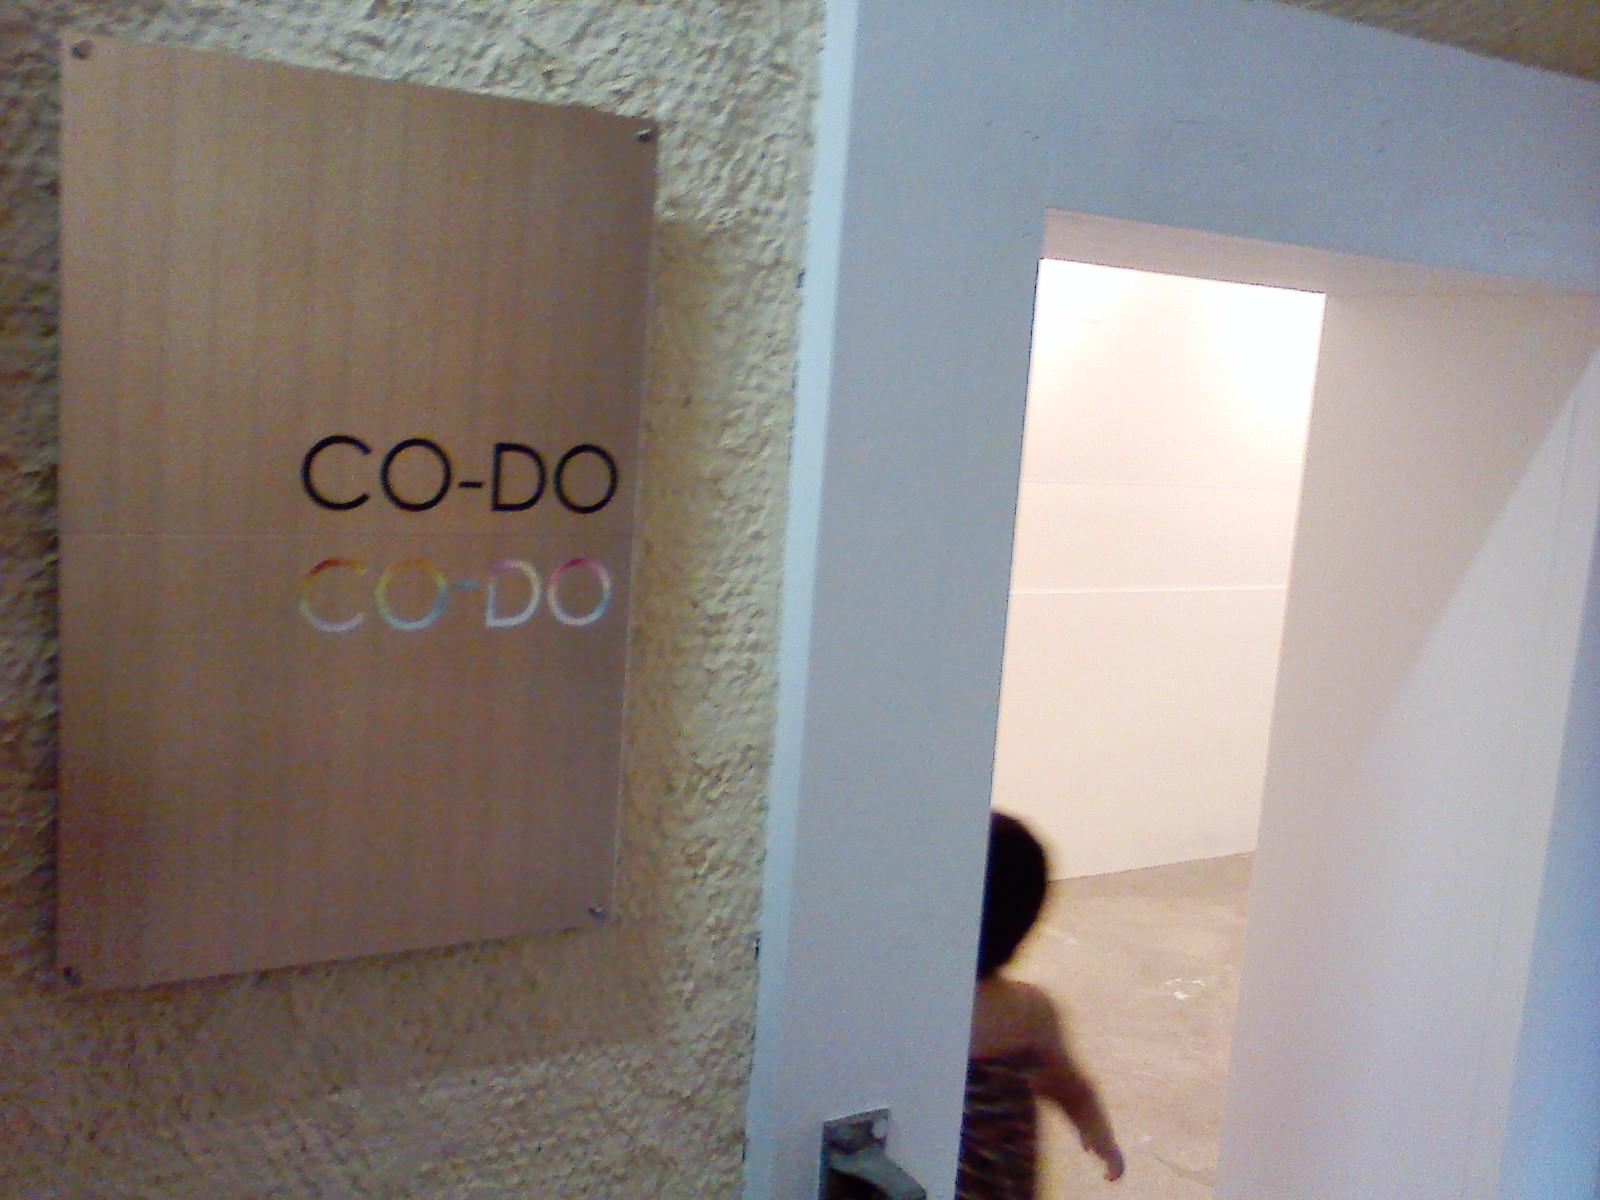 ギャラリーCO-DO(コドウ)が、まもなくオープンします_c0010936_0295740.jpg